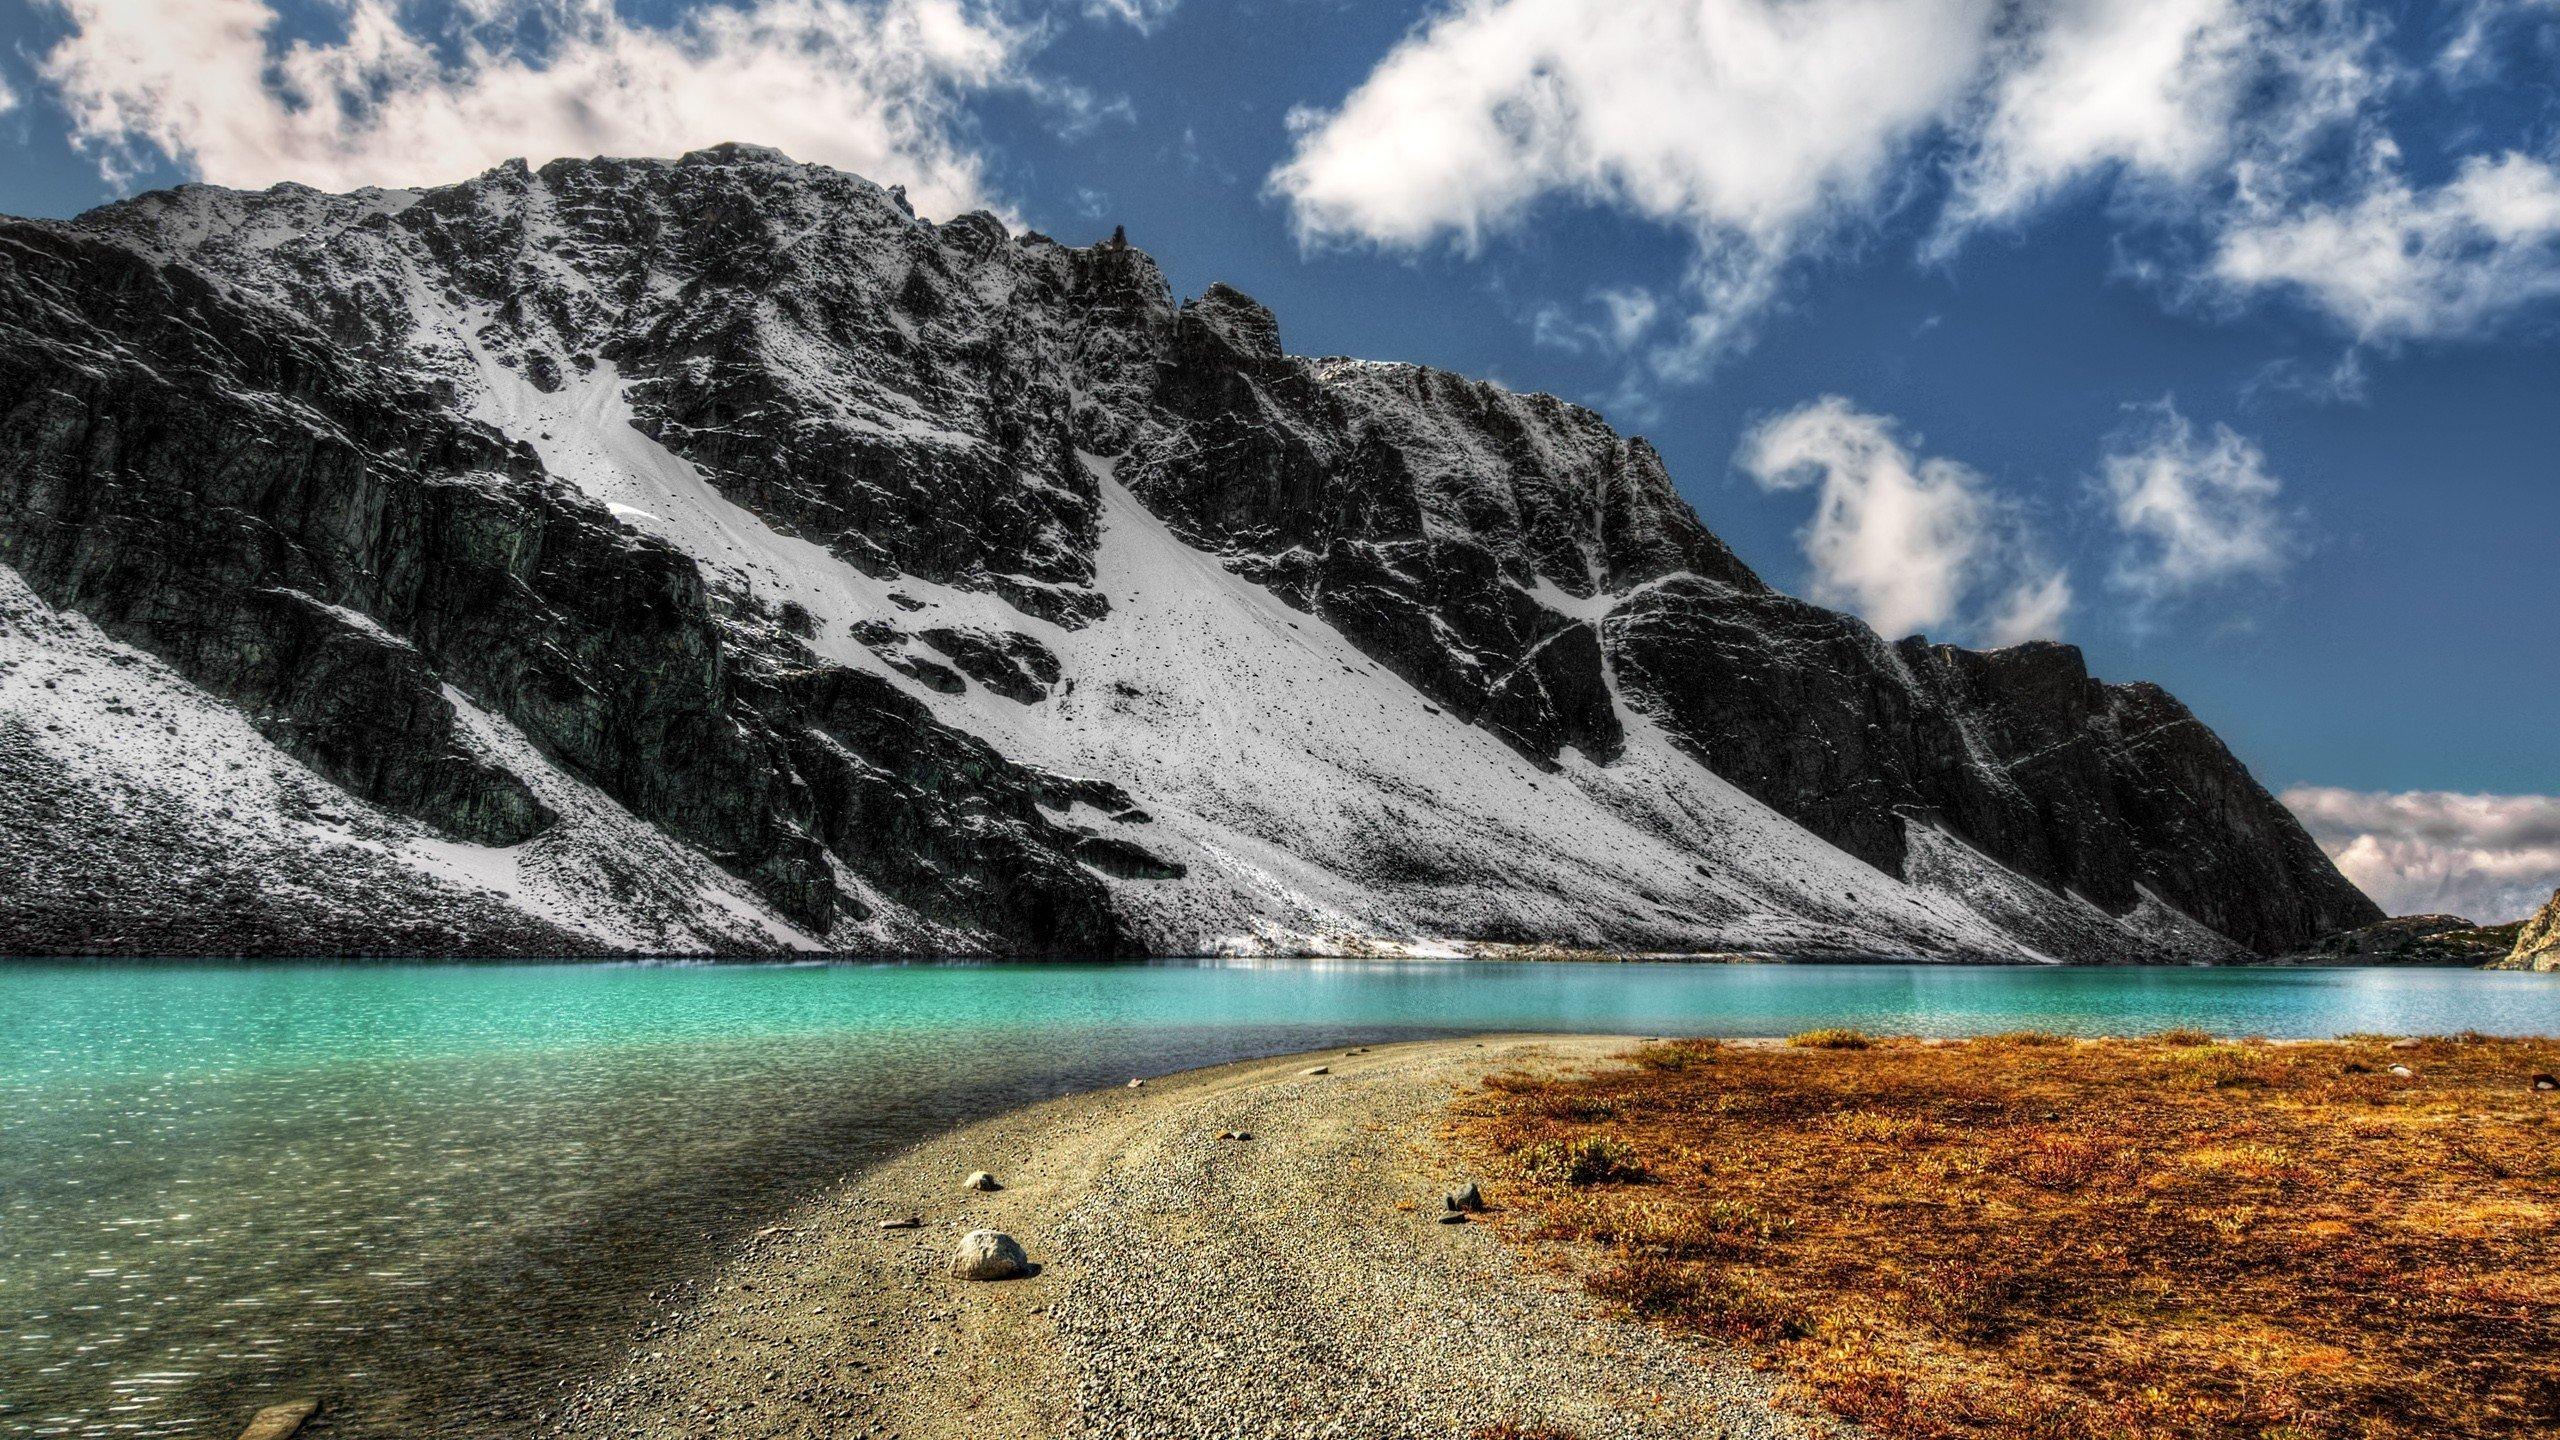 Wonderful Wallpaper Mountain 1440p - ca68c9a044d44f0ede088ced64bfa96a  Photograph_361213.jpg